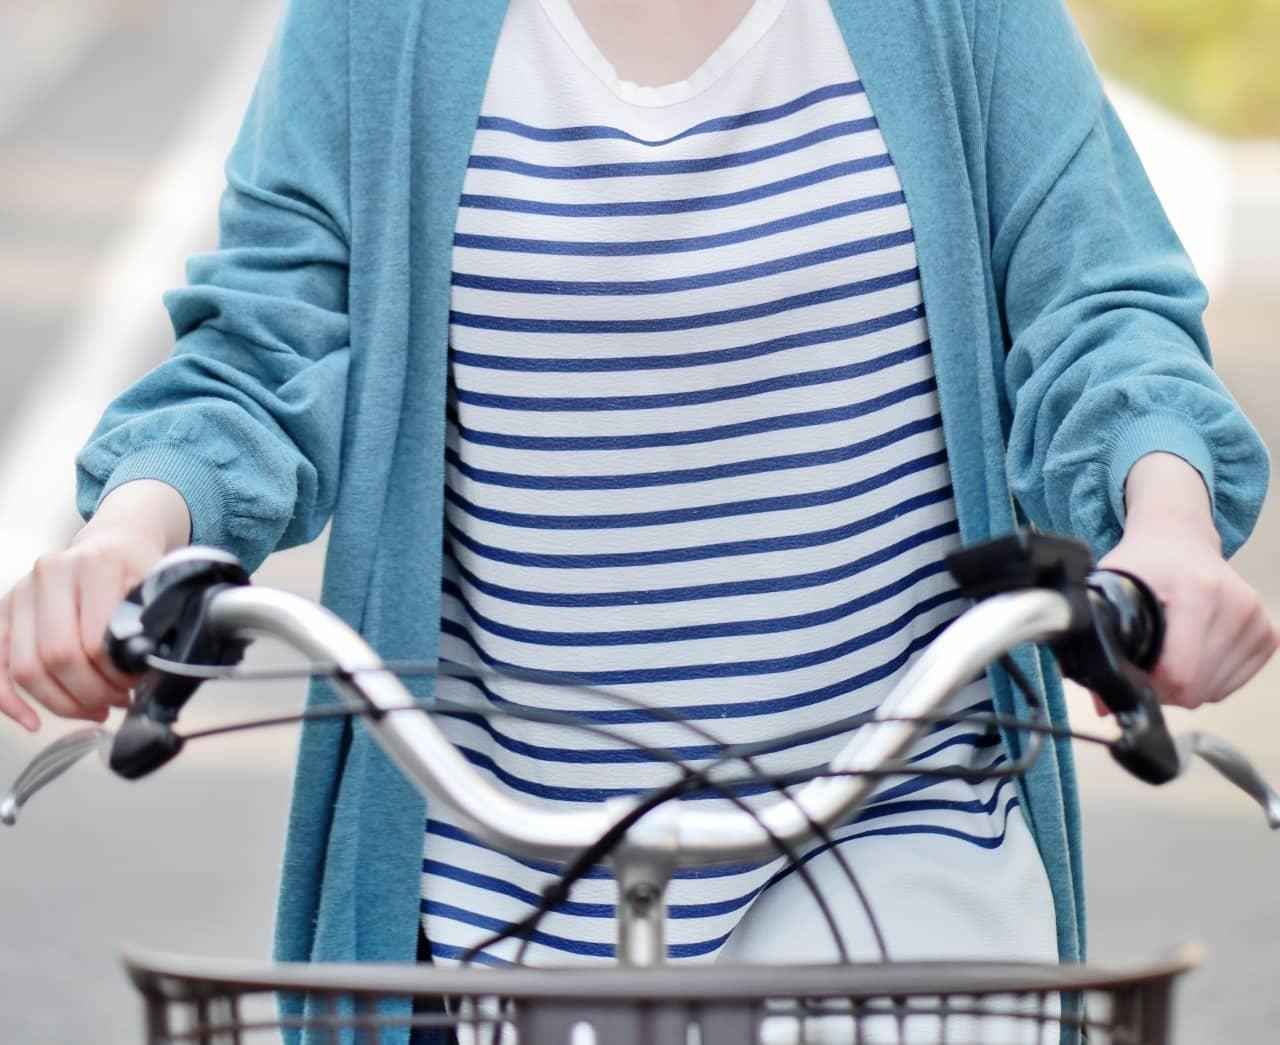 妊婦は自転車に乗ってもいいの? 危険? 気を付けるべき6つのポイント